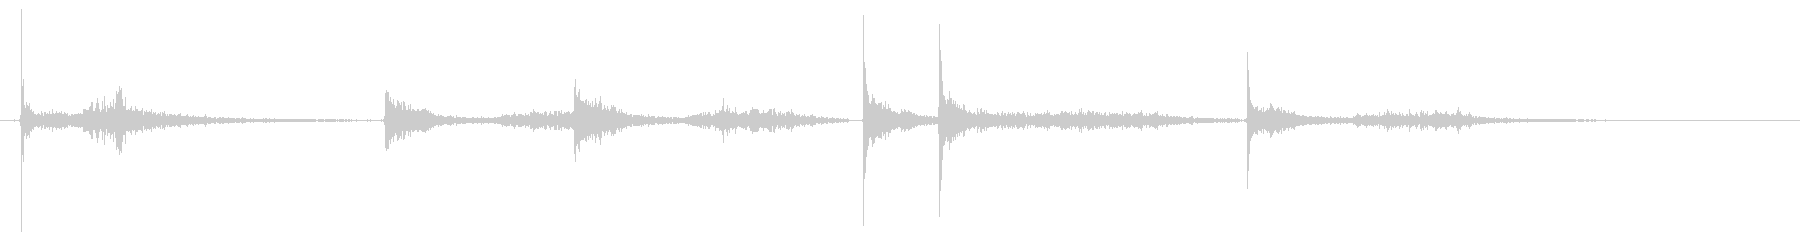 バーーン バン バーンの未再生の波形